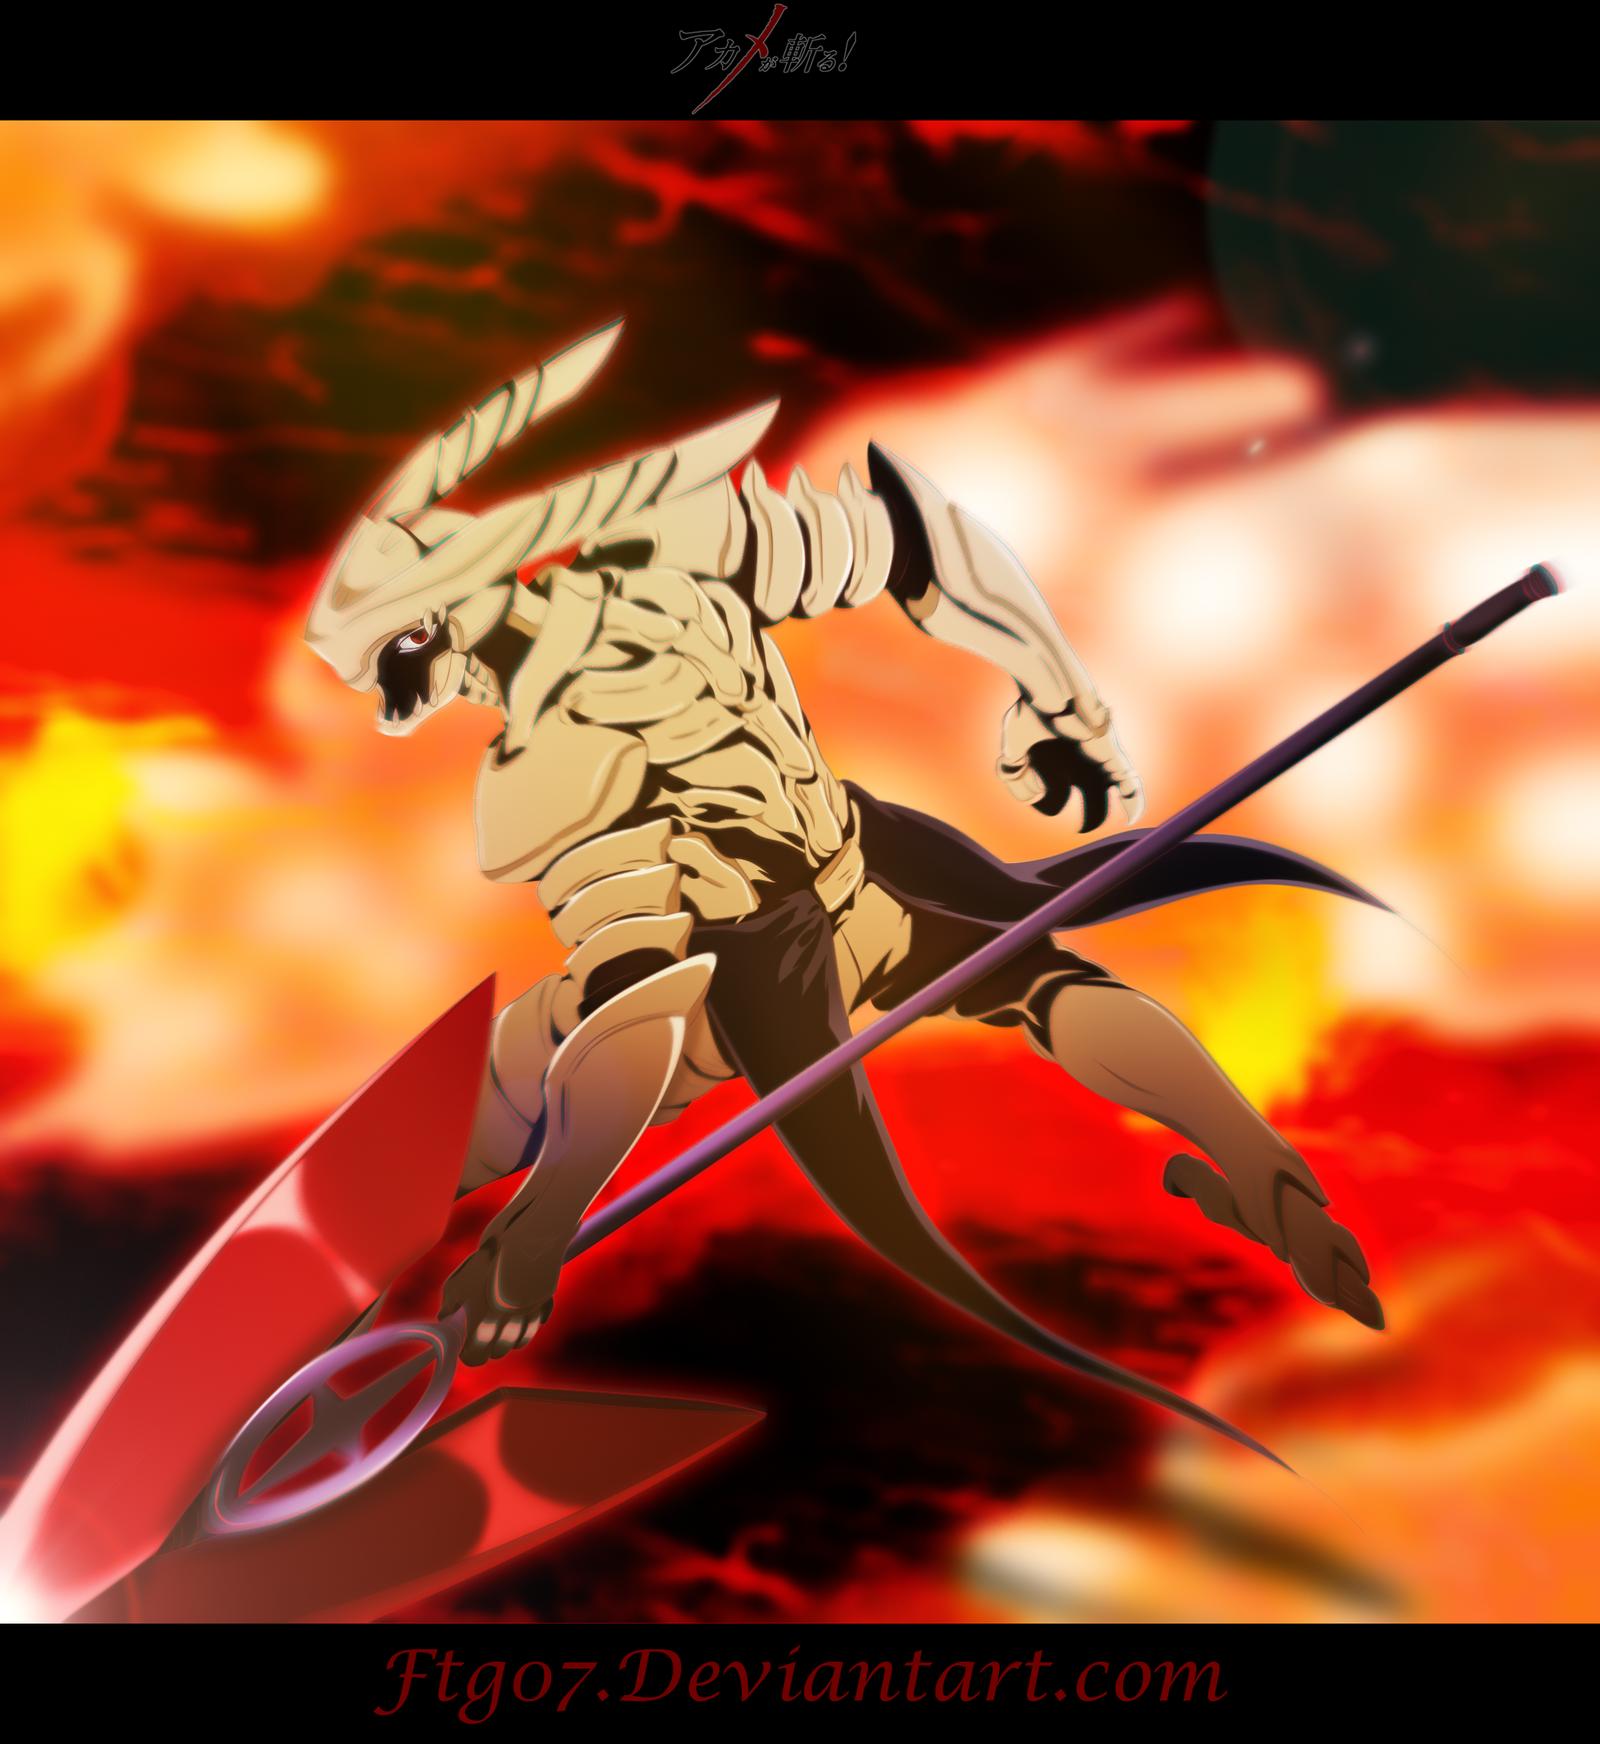 Manga Denizi Akame Ga Kill: Akame Ga Kill 54: Tatsumi[Incursio] By Ftg07 On DeviantArt